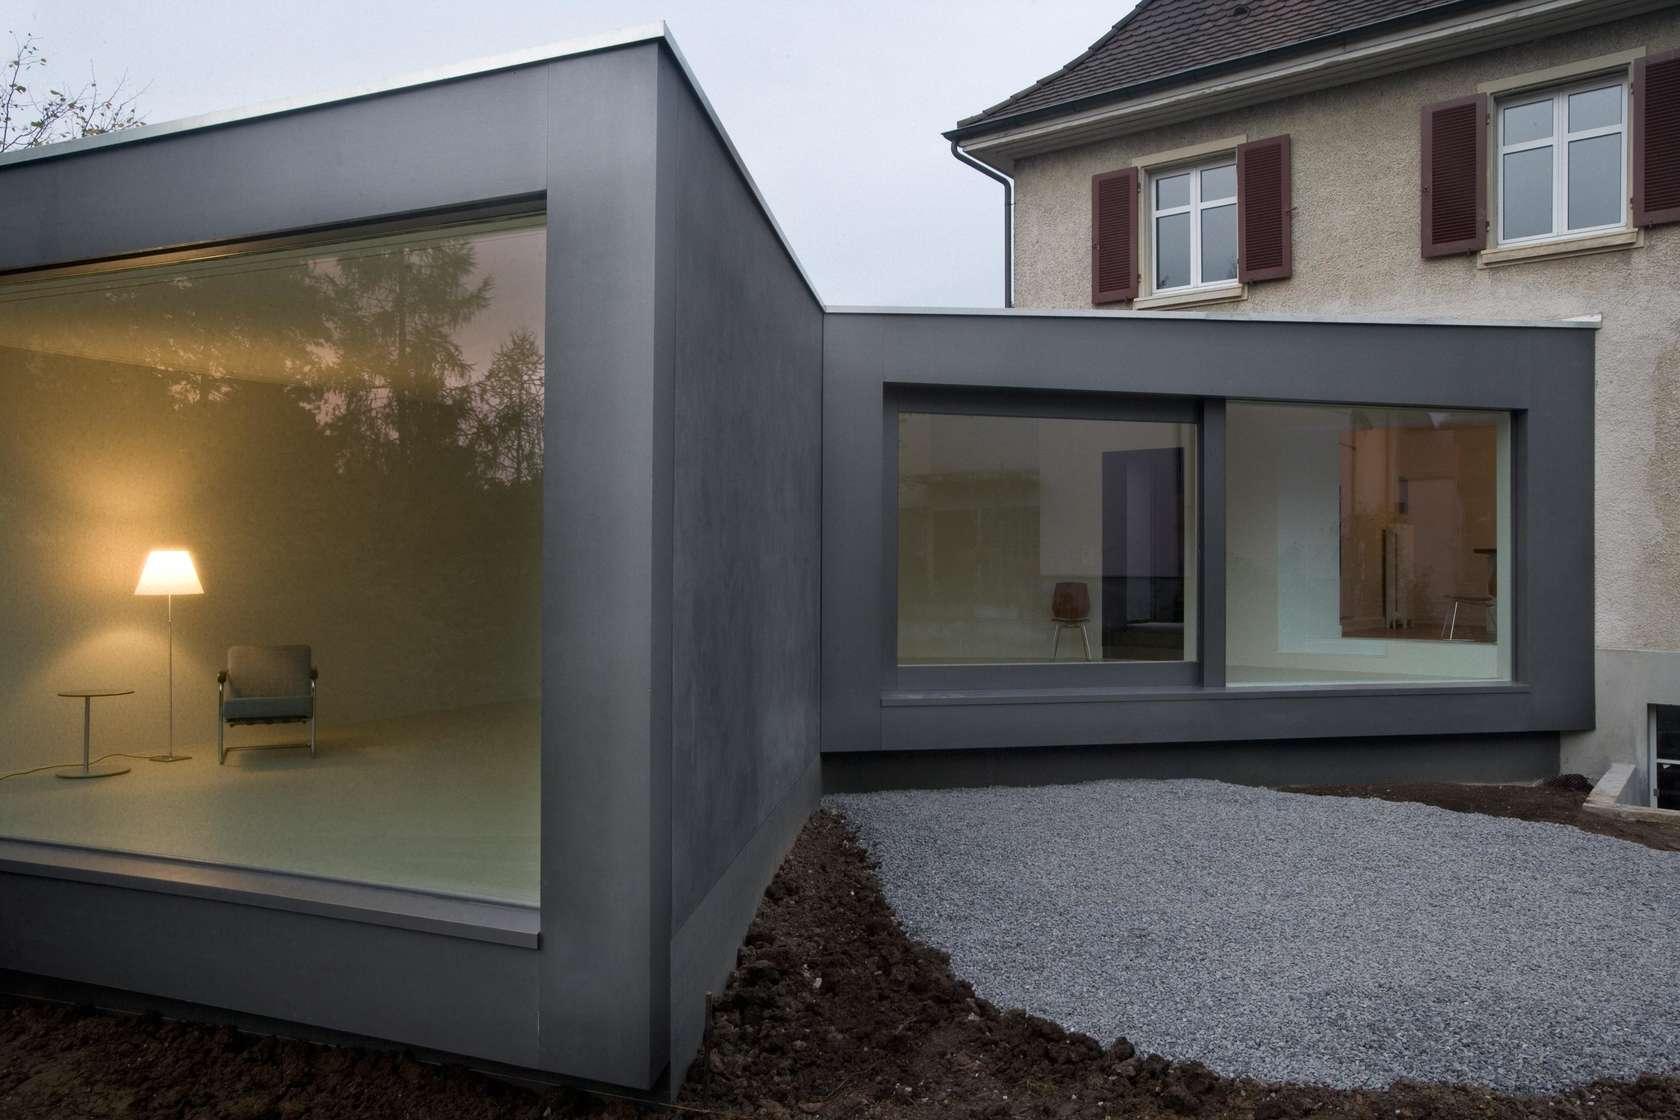 Muttenz Switzerland  city pictures gallery : Annex of a residential house in Muttenz, Switzerland Architizer